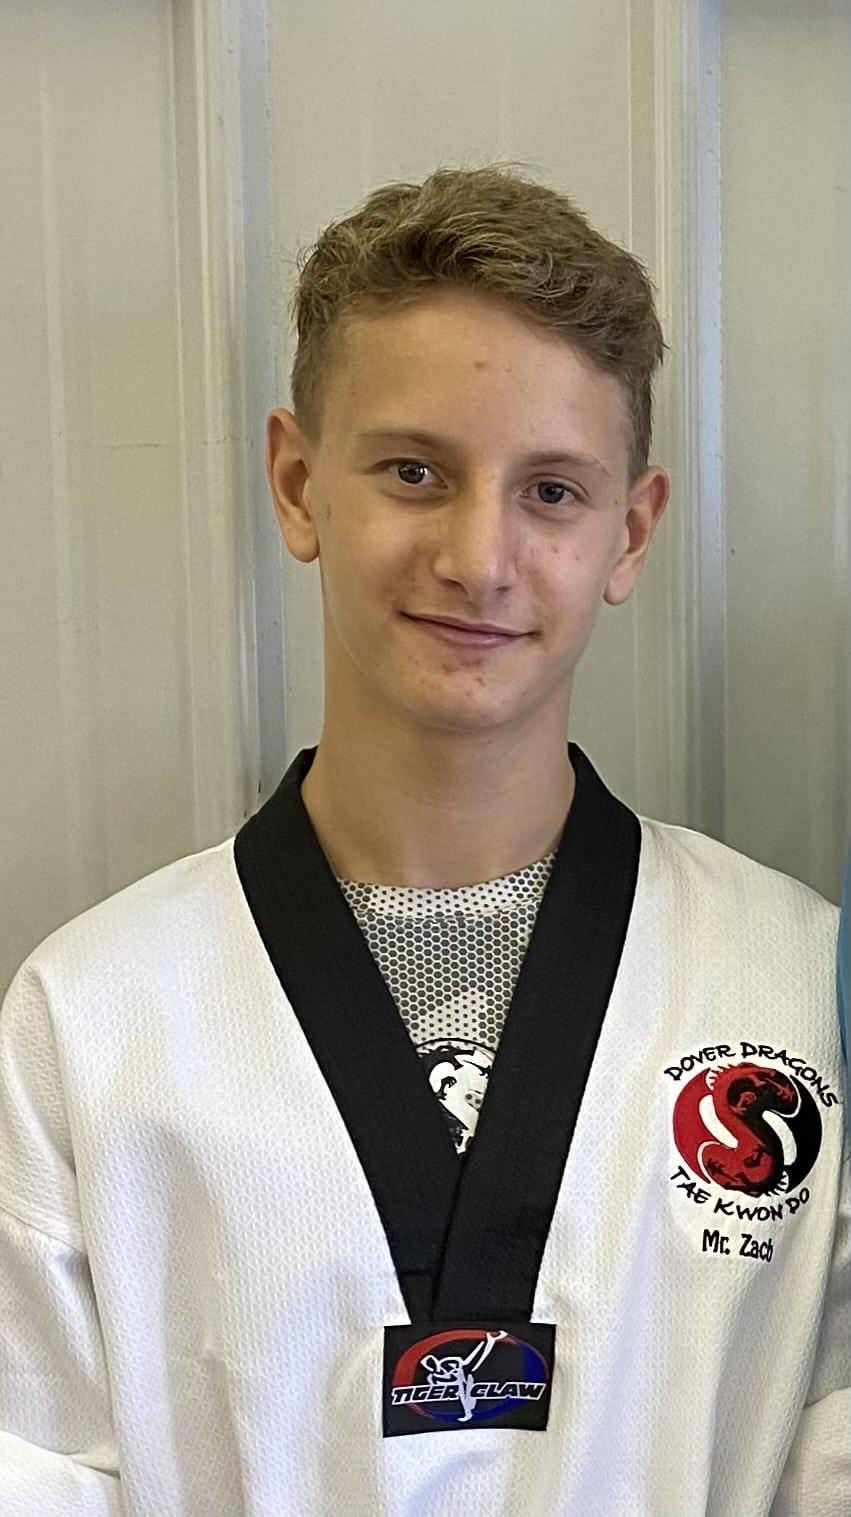 Mr. Zach Lloyd - Instructor